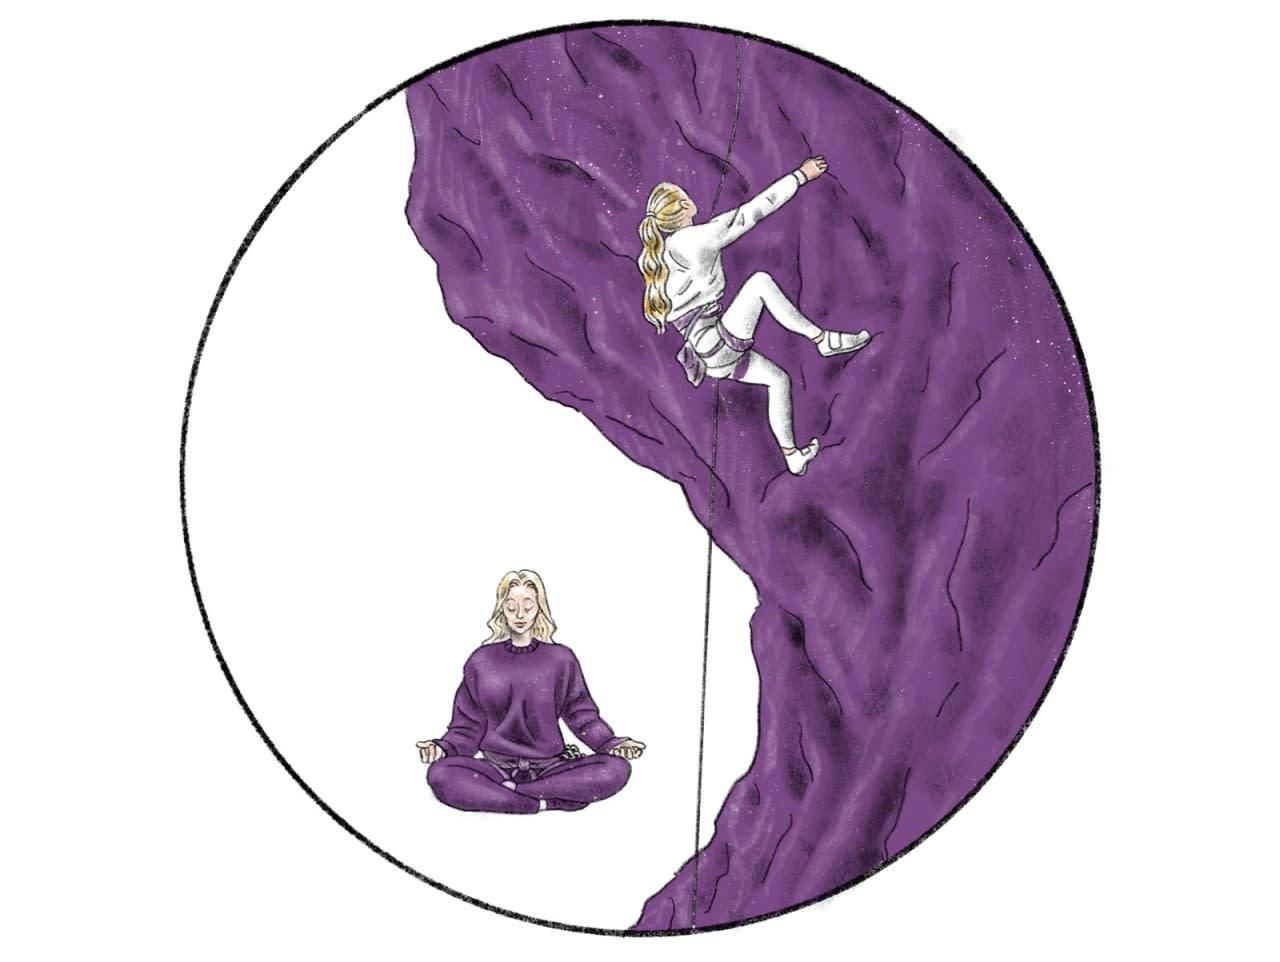 EN INDRE REISE: En klatrelangtur inkluderer også en kamp med deg selv. Denne kan du begynne lenge før selve turen starter. Illustrasjon: Didrik Magnus-Andresen